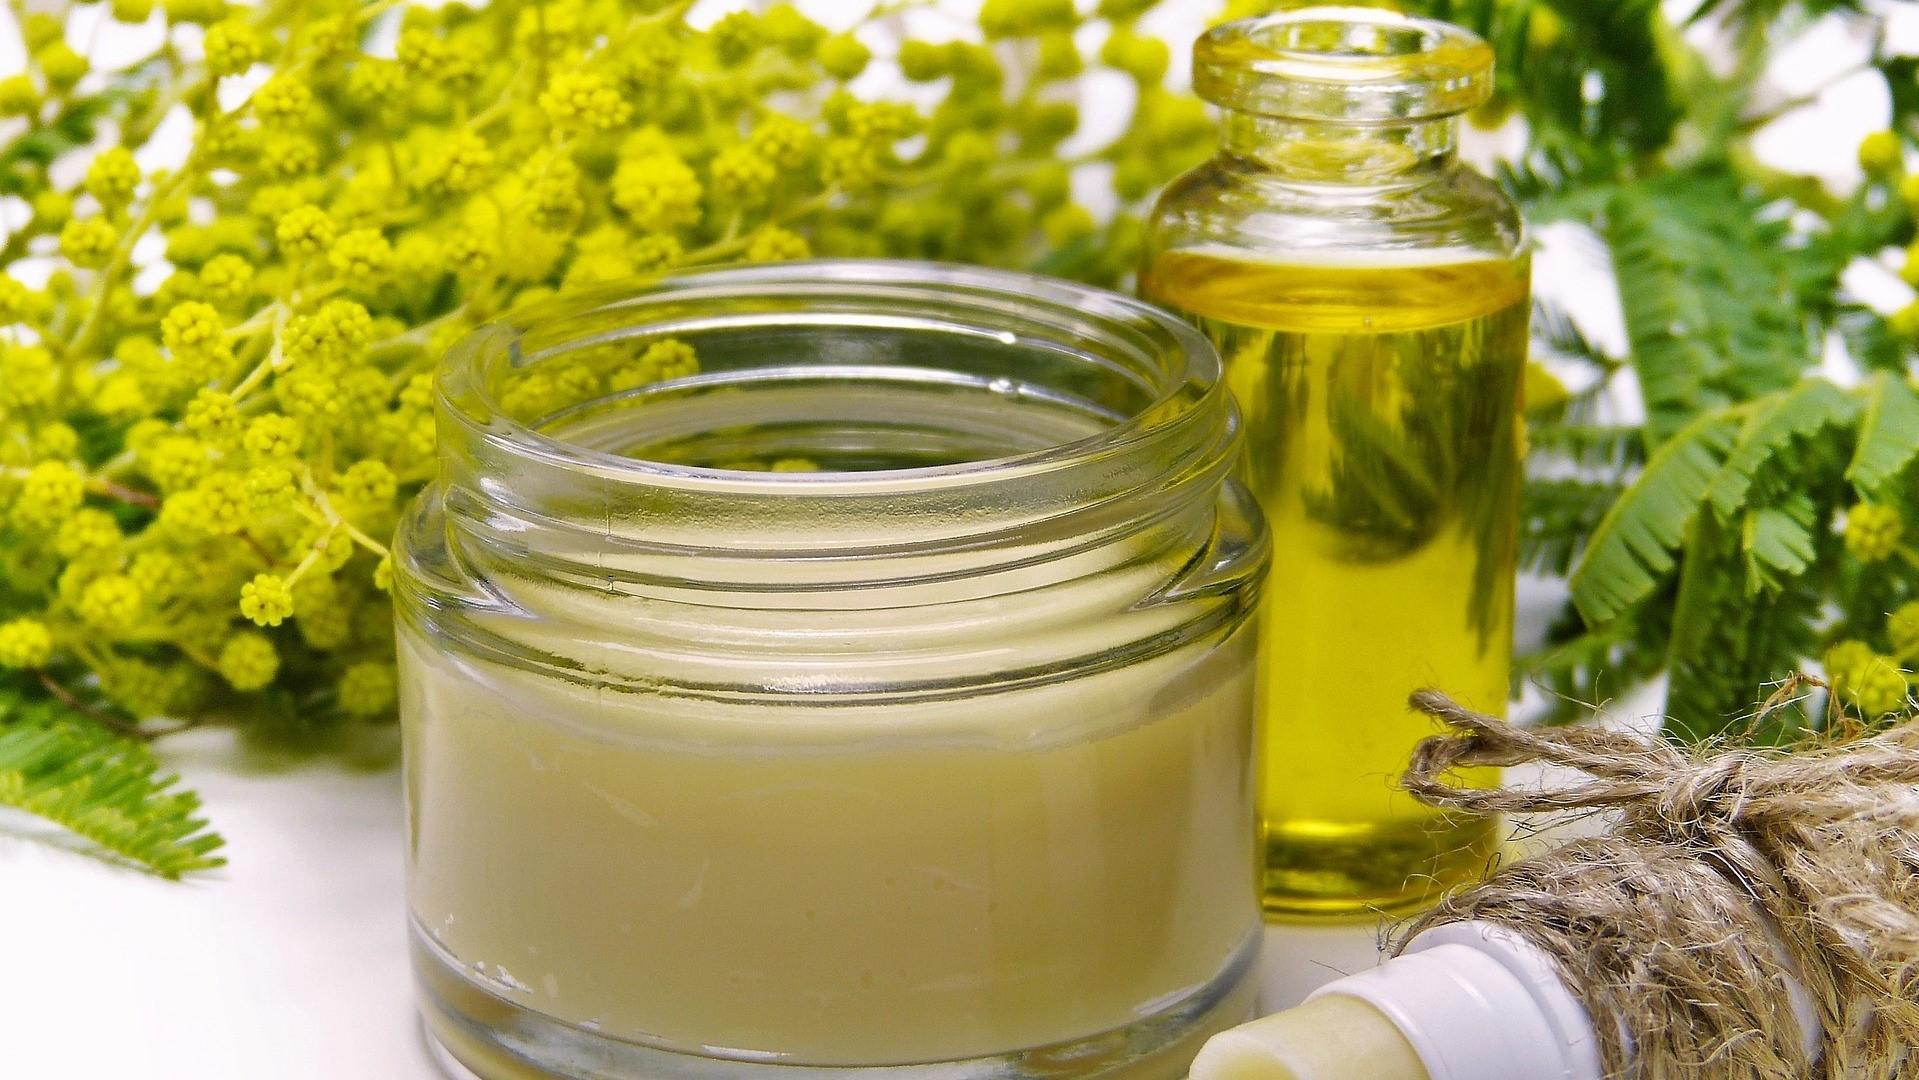 Gegen Pickel an den Armen helfen befeuchtende Hautpflege und Ölkuren